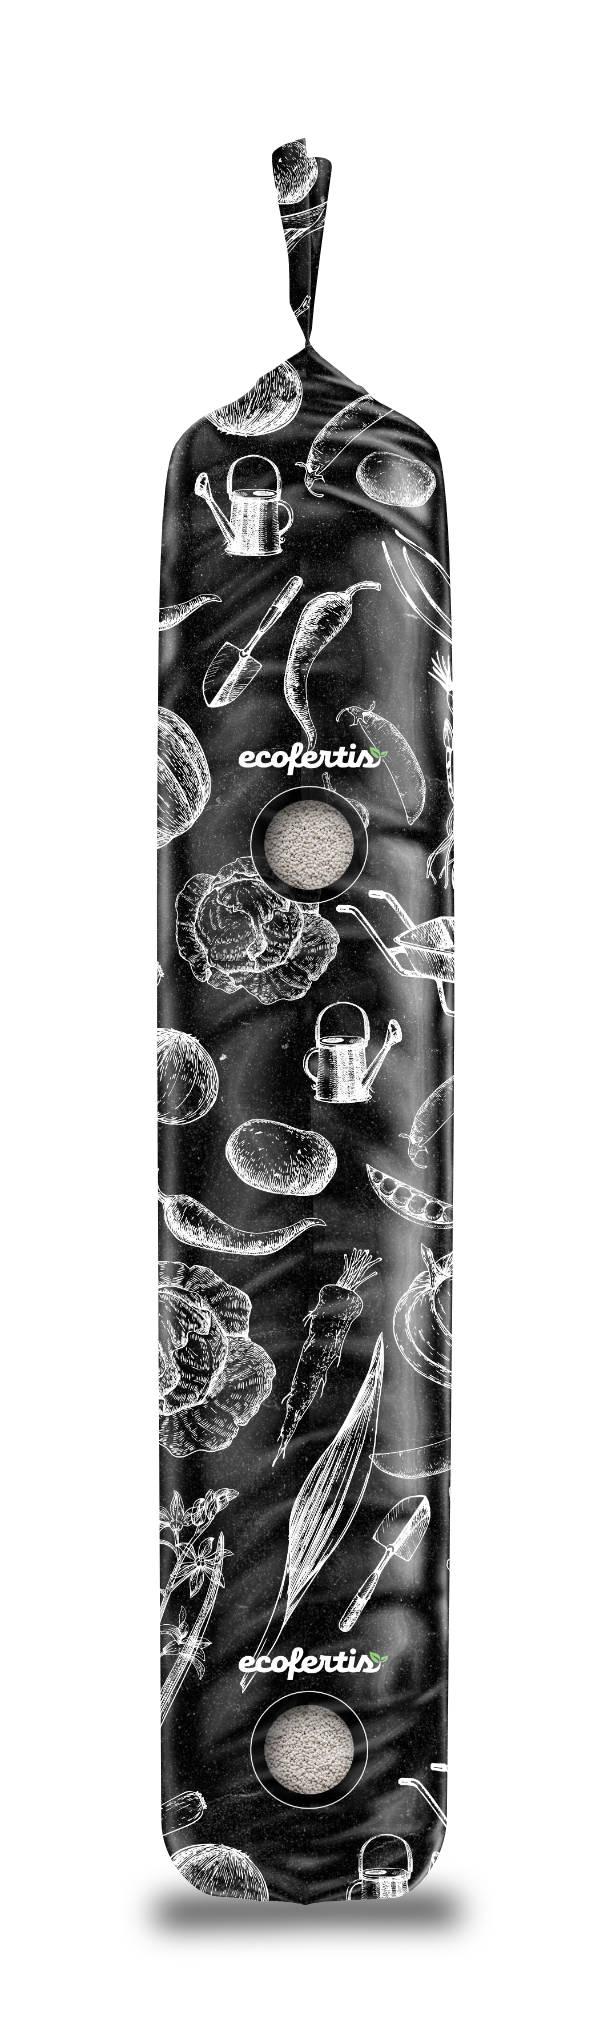 Дизайн упаковки для удобрений Ecofertis